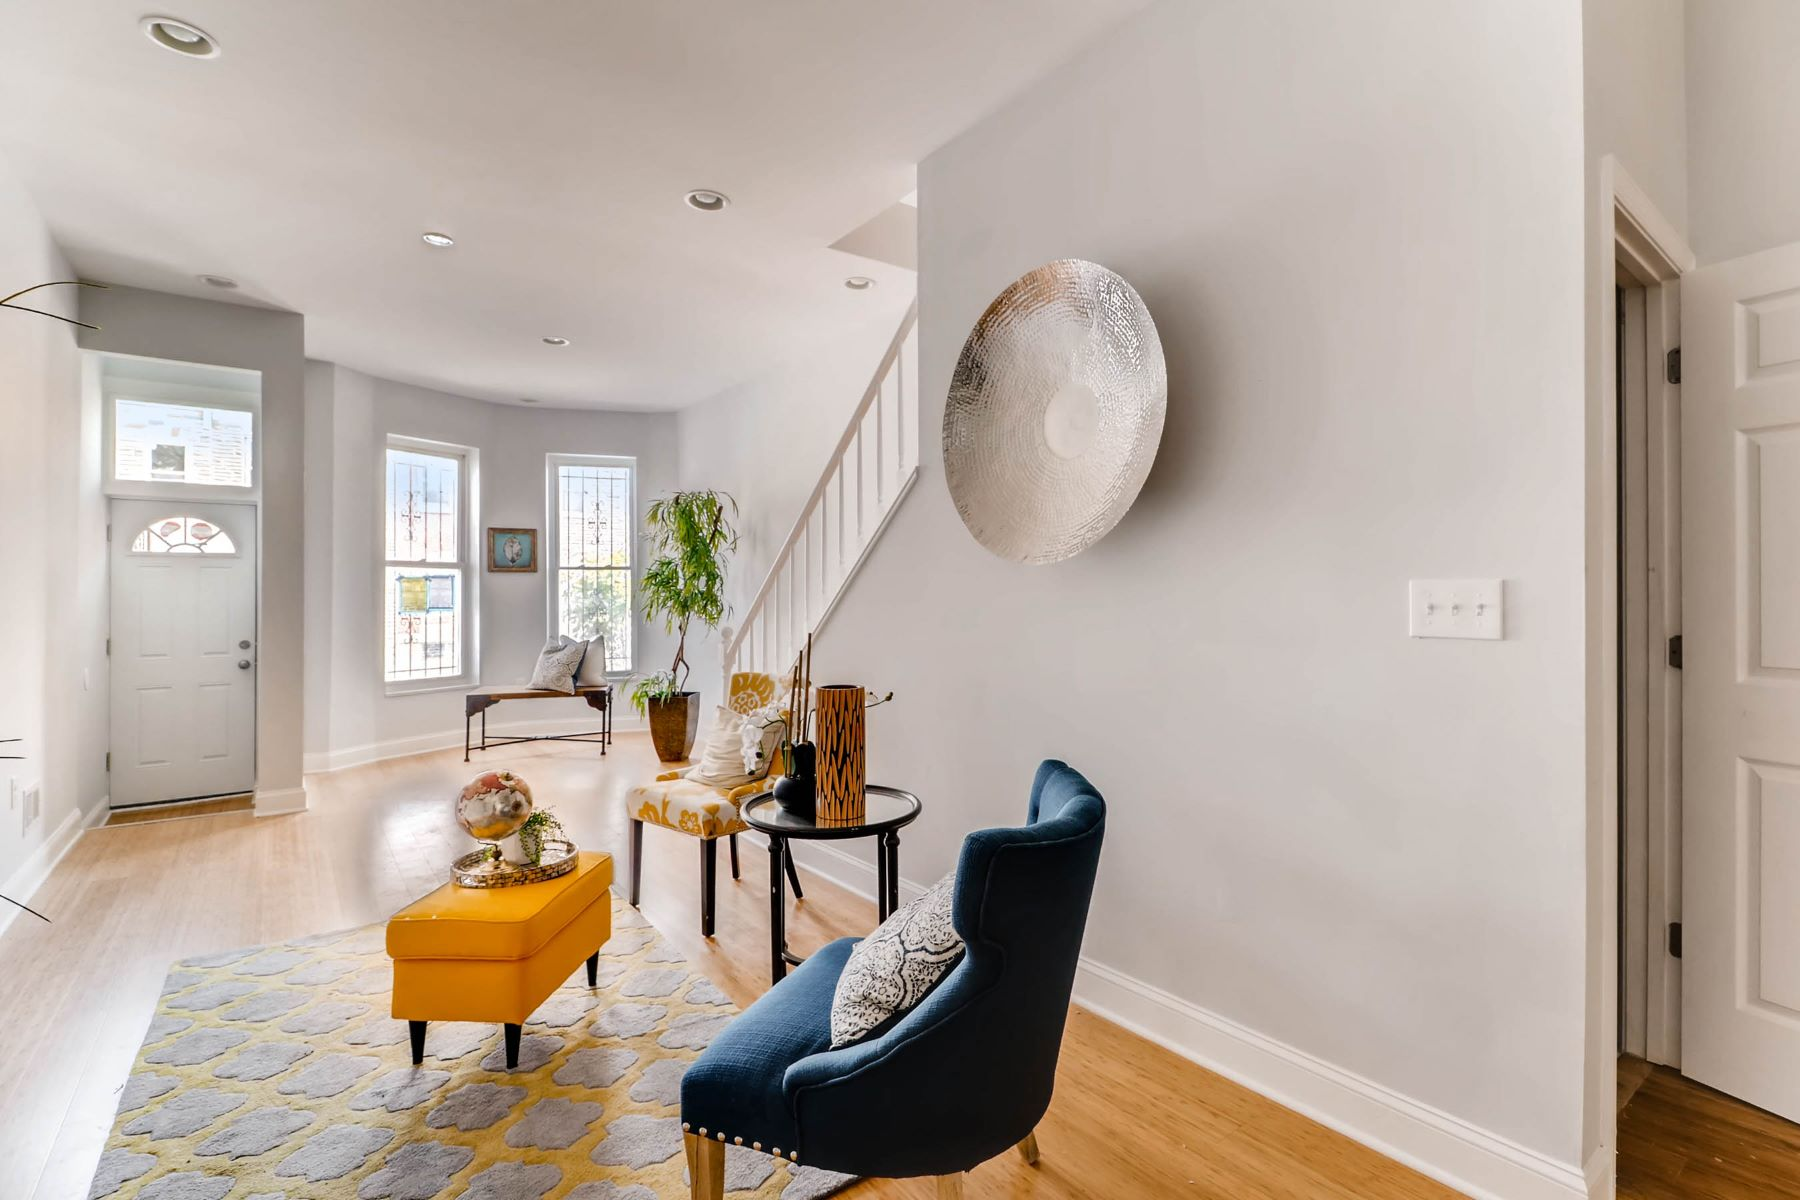 Частный односемейный дом для того Продажа на Patterson Park 730 North Patterson Park Avenue, Patterson Park, Baltimore, Мэриленд, 21205 Соединенные Штаты